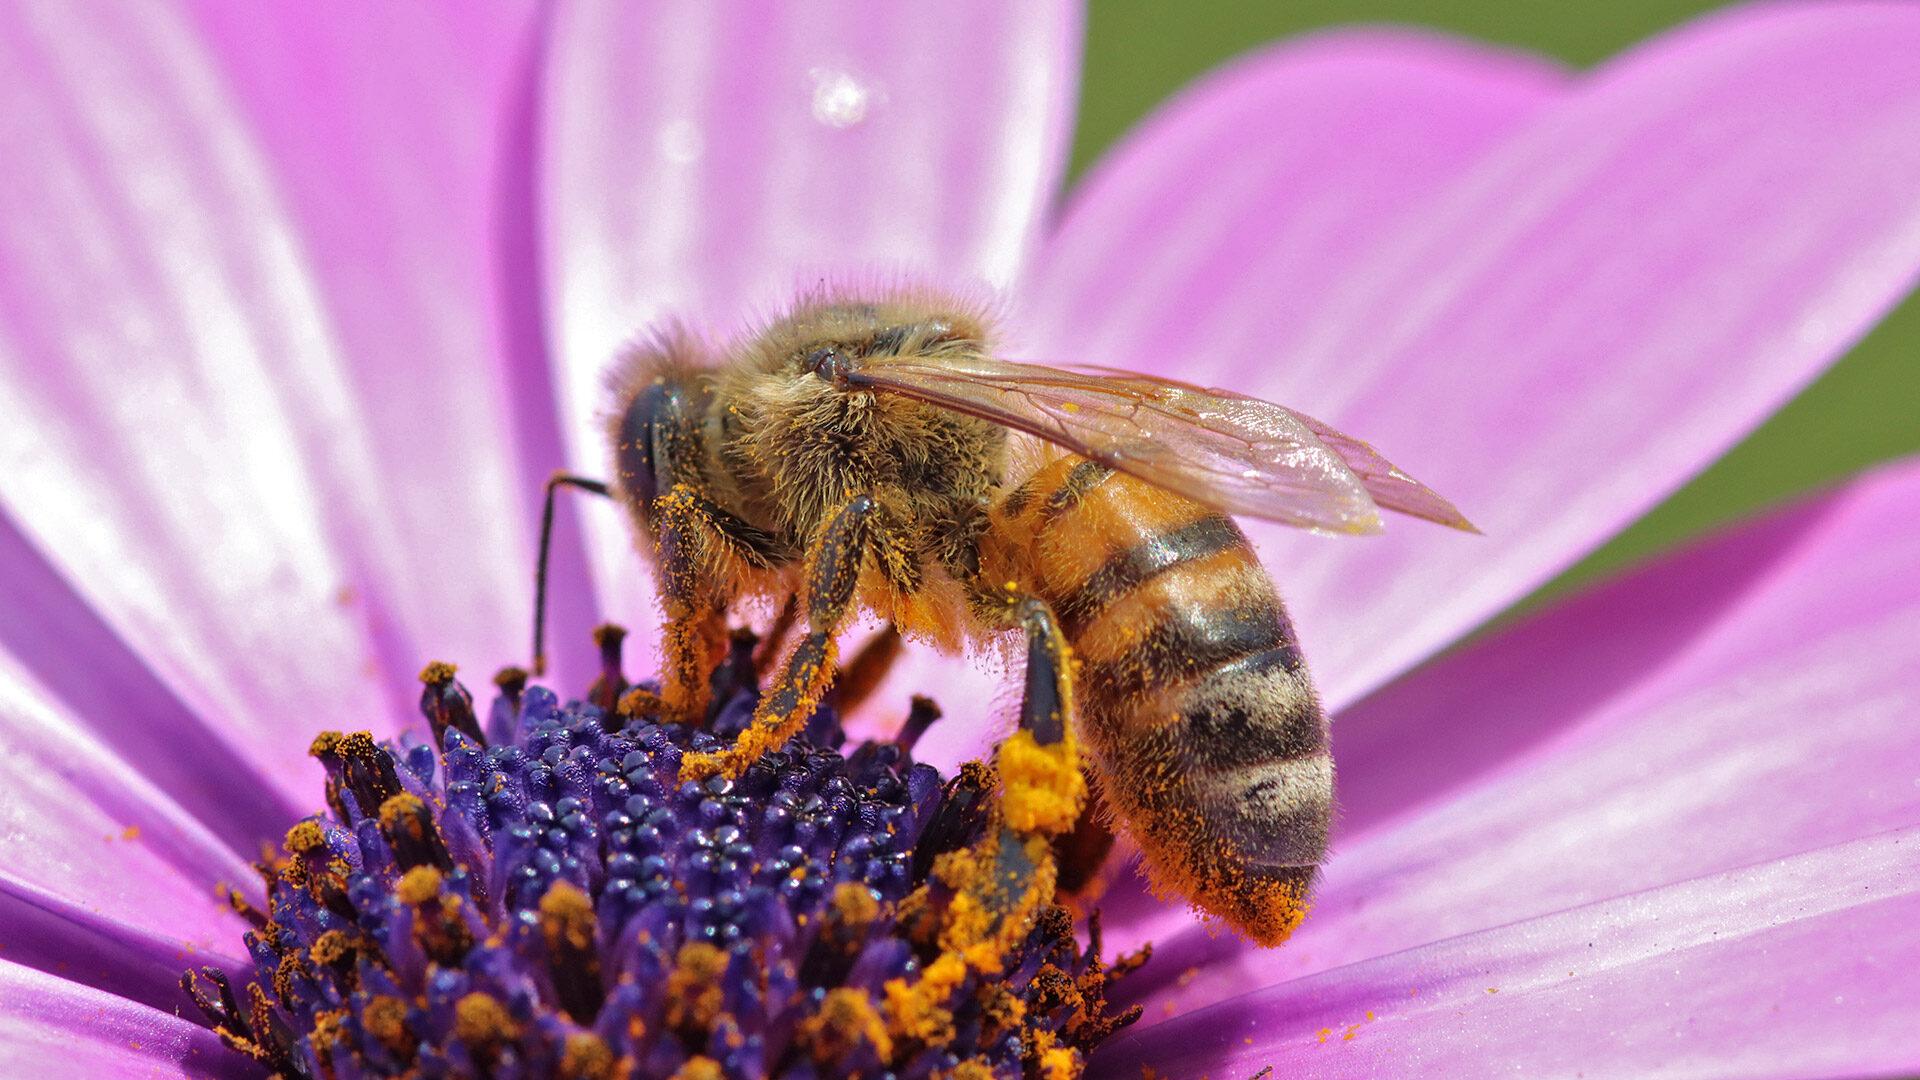 Analogie Data-Driven Marketing: Bienen sammeln statt Daten Nektar (Primärdaten) und gleichzeitig Pollen (Sekundärdaten)